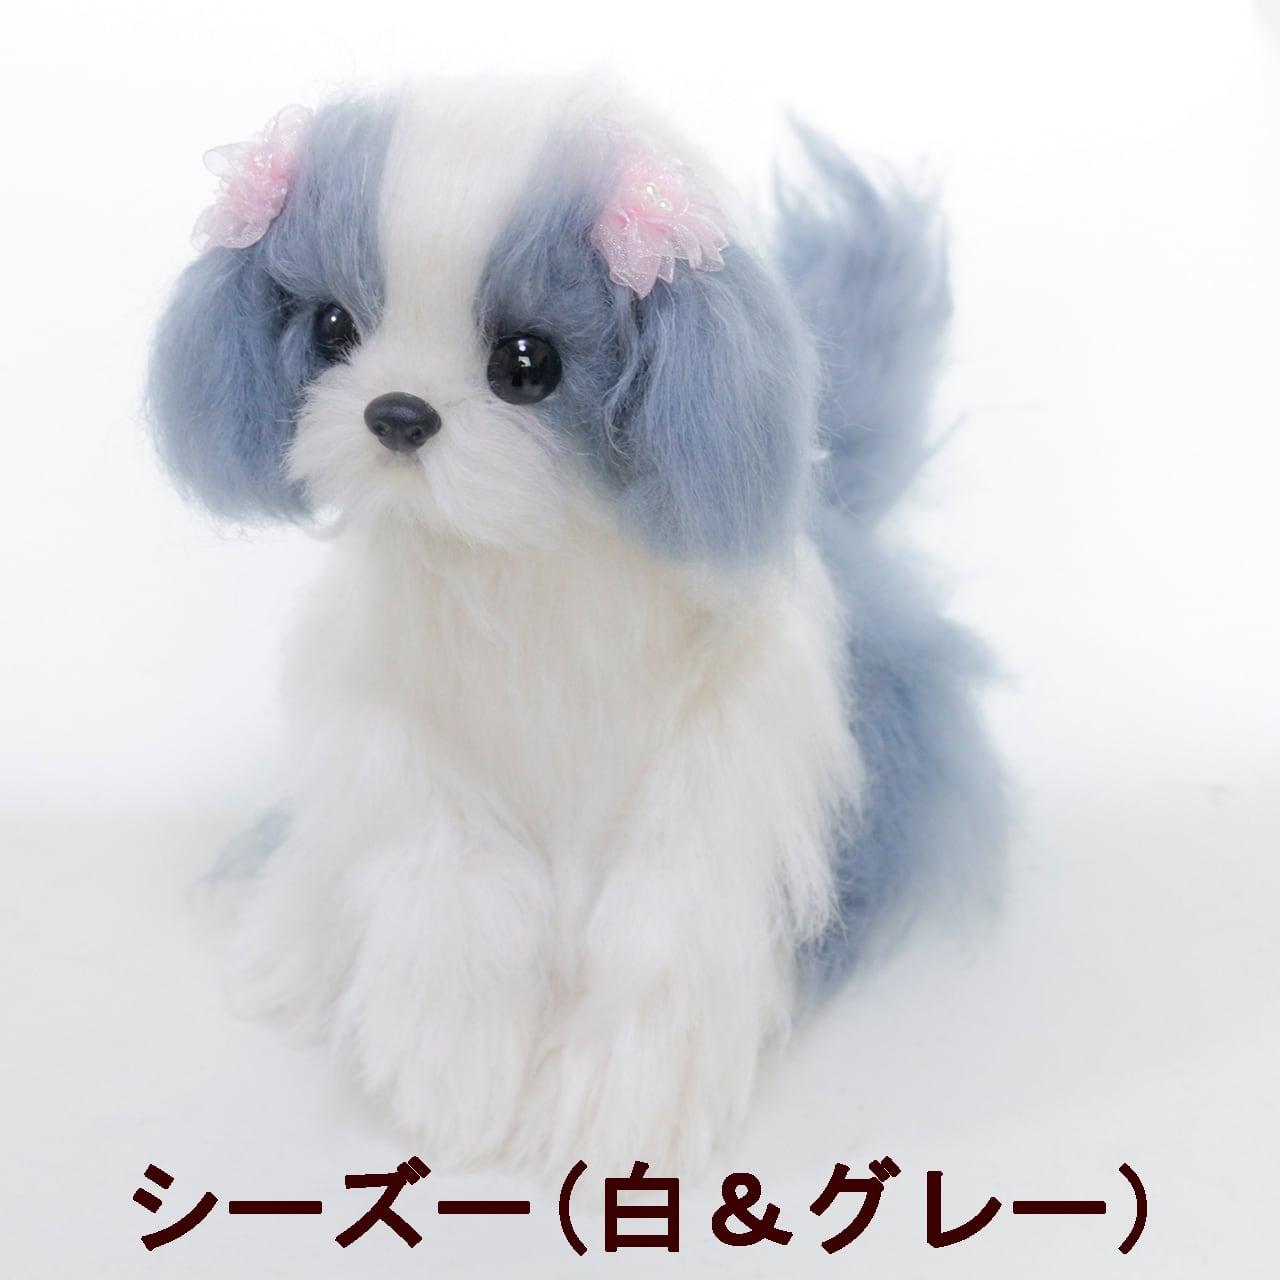 【手作りキット】シーズー犬(白&グレー)